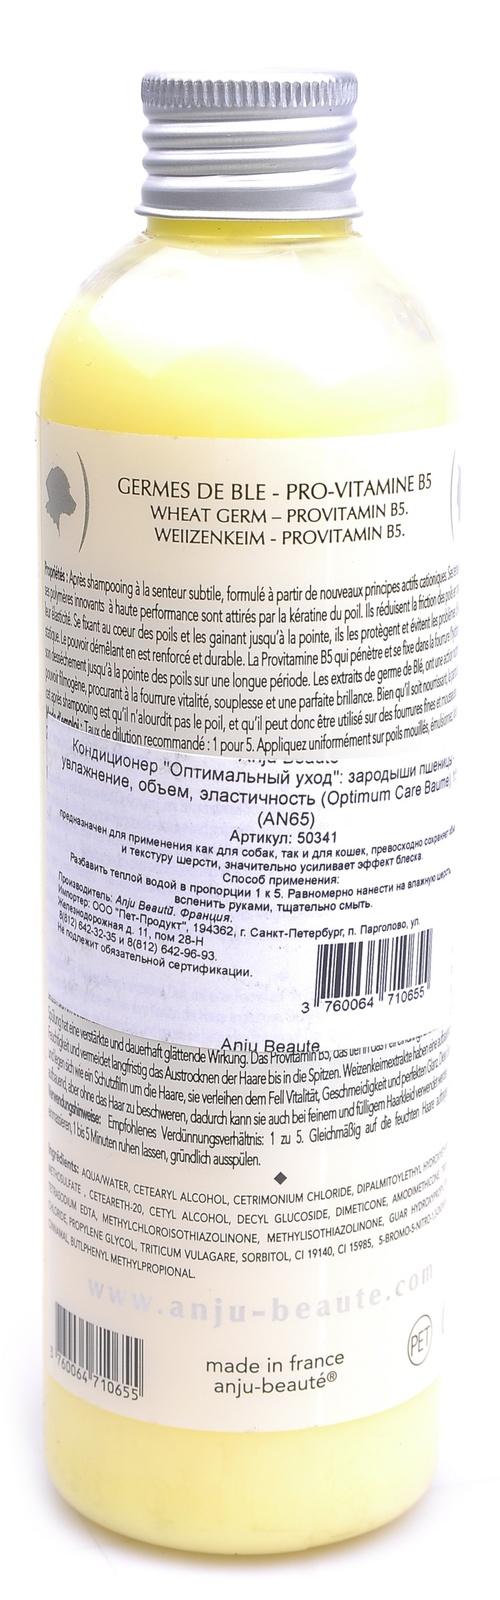 anju beaute Кондиционер Anju Beaute Оптимальный уход: зародыши пшеницы - увлажнение, объем, эластичность, 1:5, 5л 50374